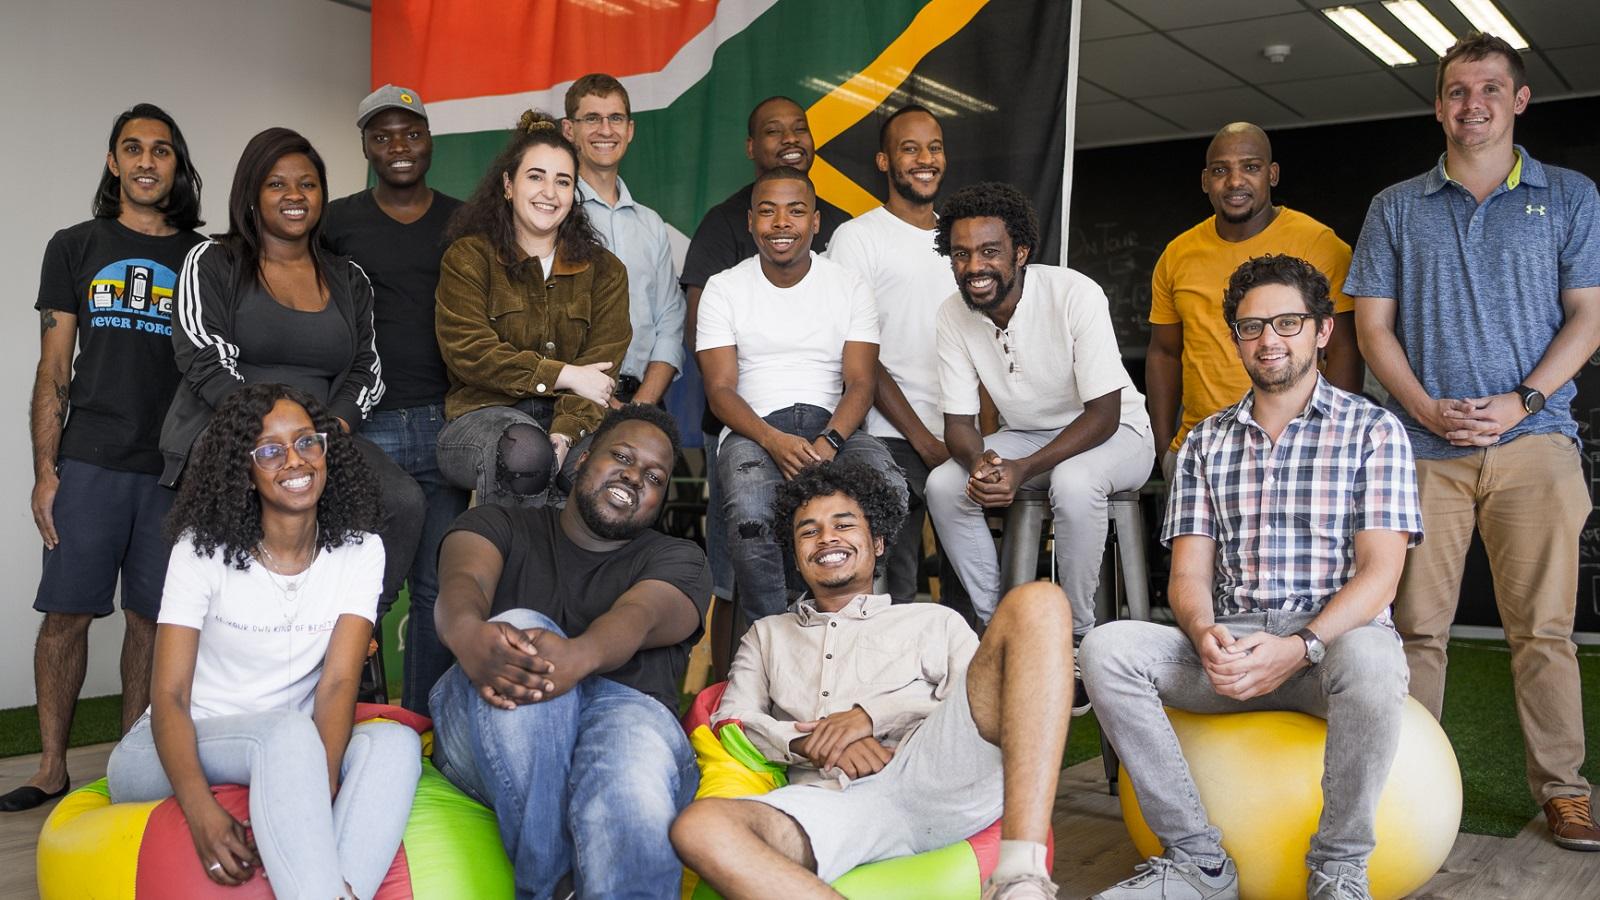 Johannesburg insurtech startup Pineapple secures R80m in funding – Ventureburn